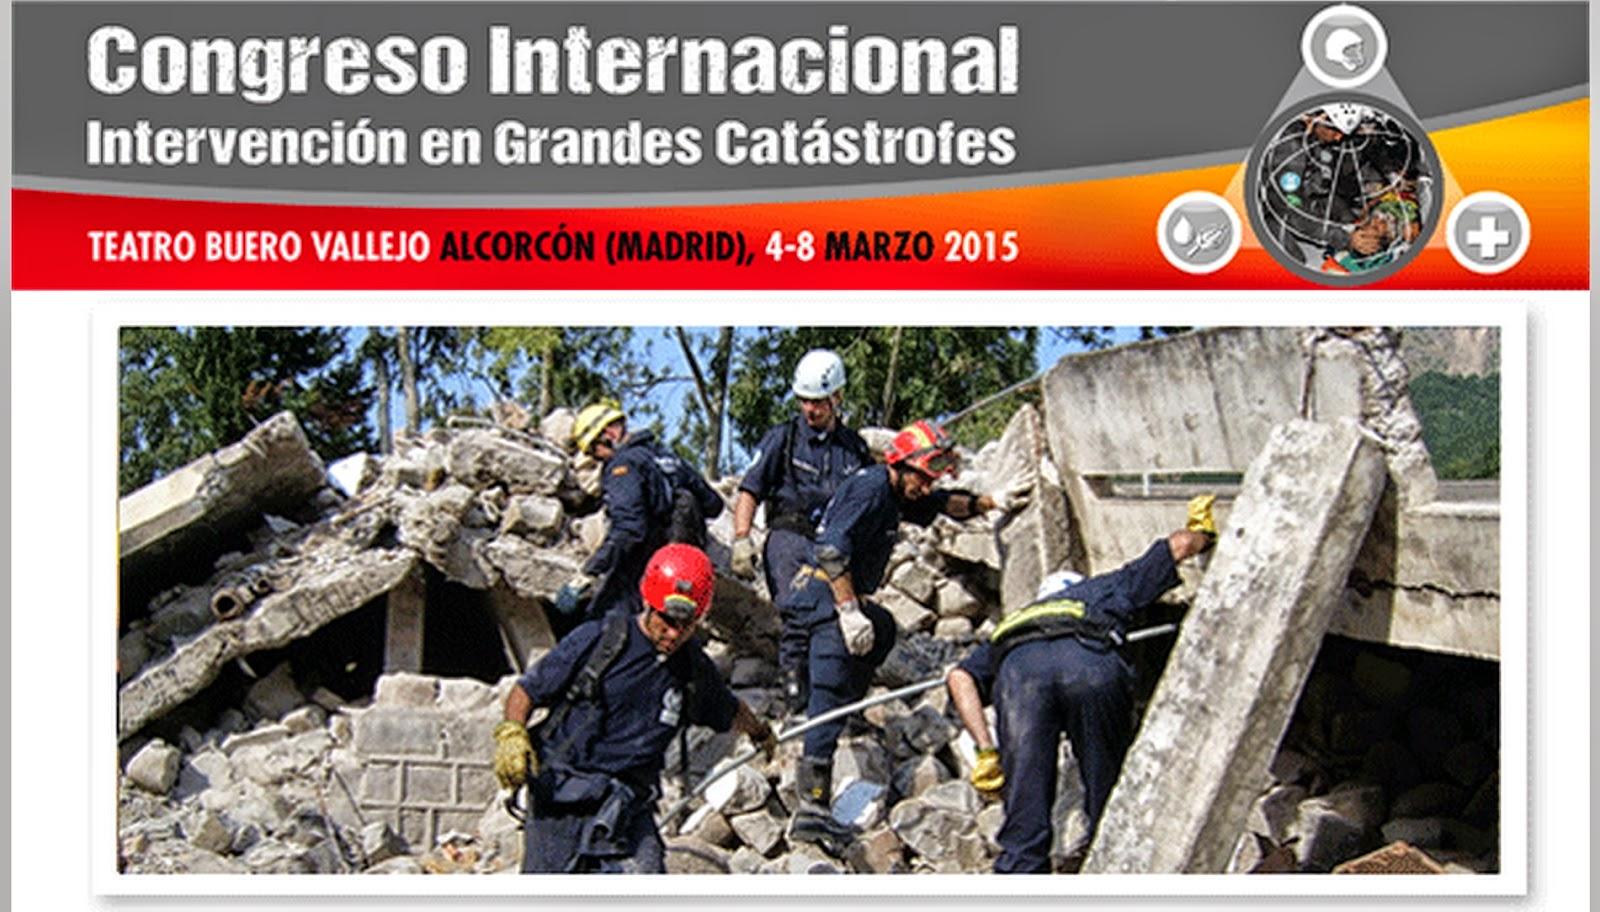 Ems solutions international marca registrada congreso - Teatro buero vallejo alcorcon ...